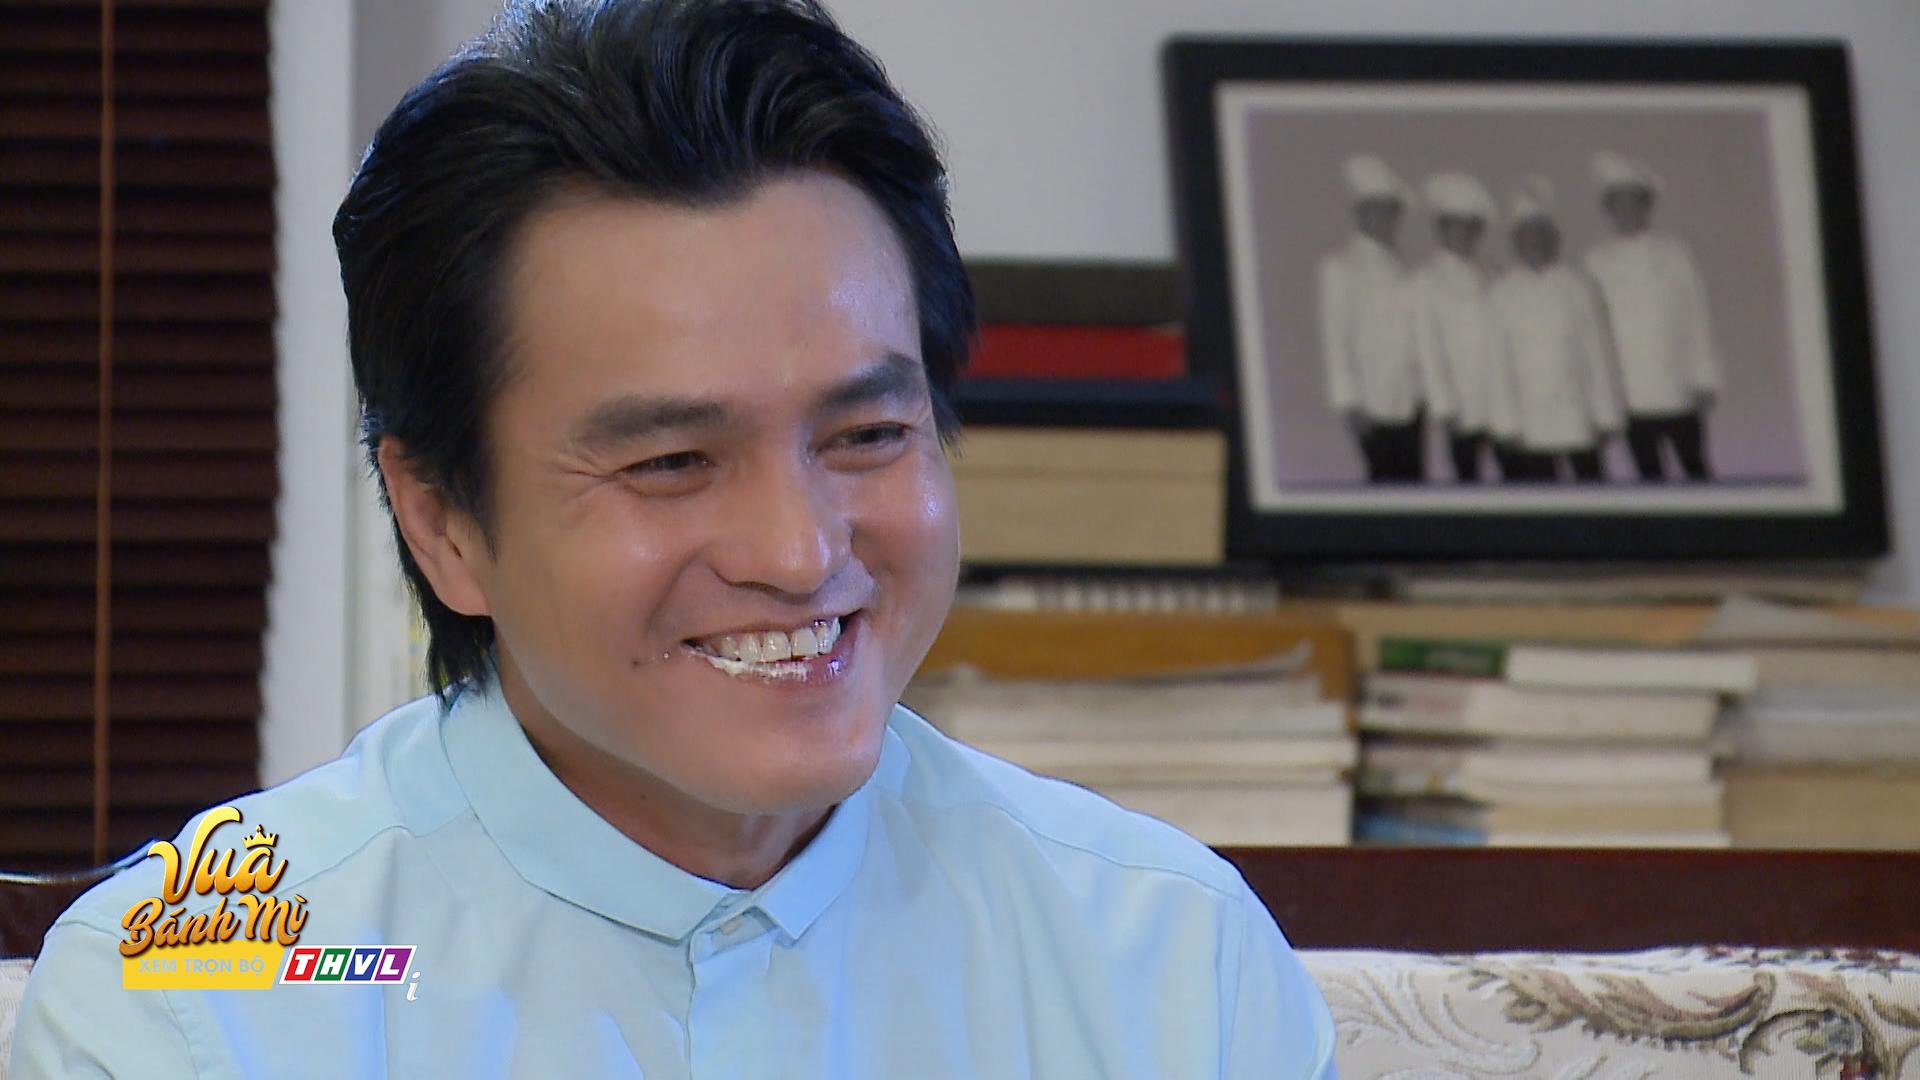 'Vua bánh mì' tập 8: Đúng là 'cha nào con nấy', con trai Cao Minh Đạt cũng sở hữu tài nghệ làm bánh từ cha 2